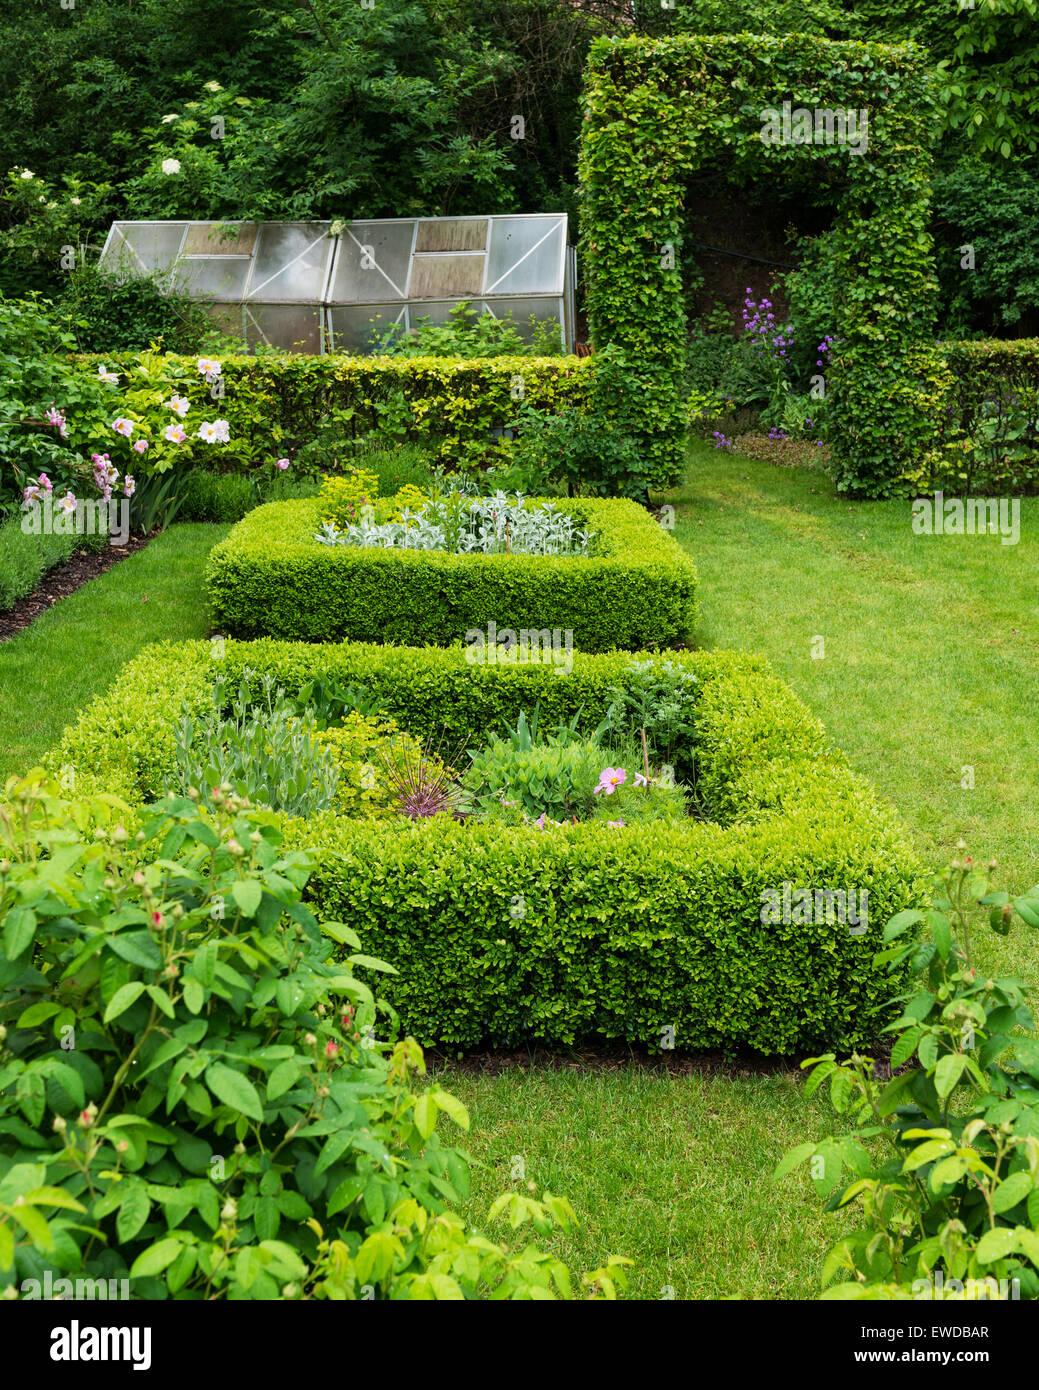 Garden schloss stockfotos garden schloss bilder seite 3 alamy - Gewachshaus garten ...